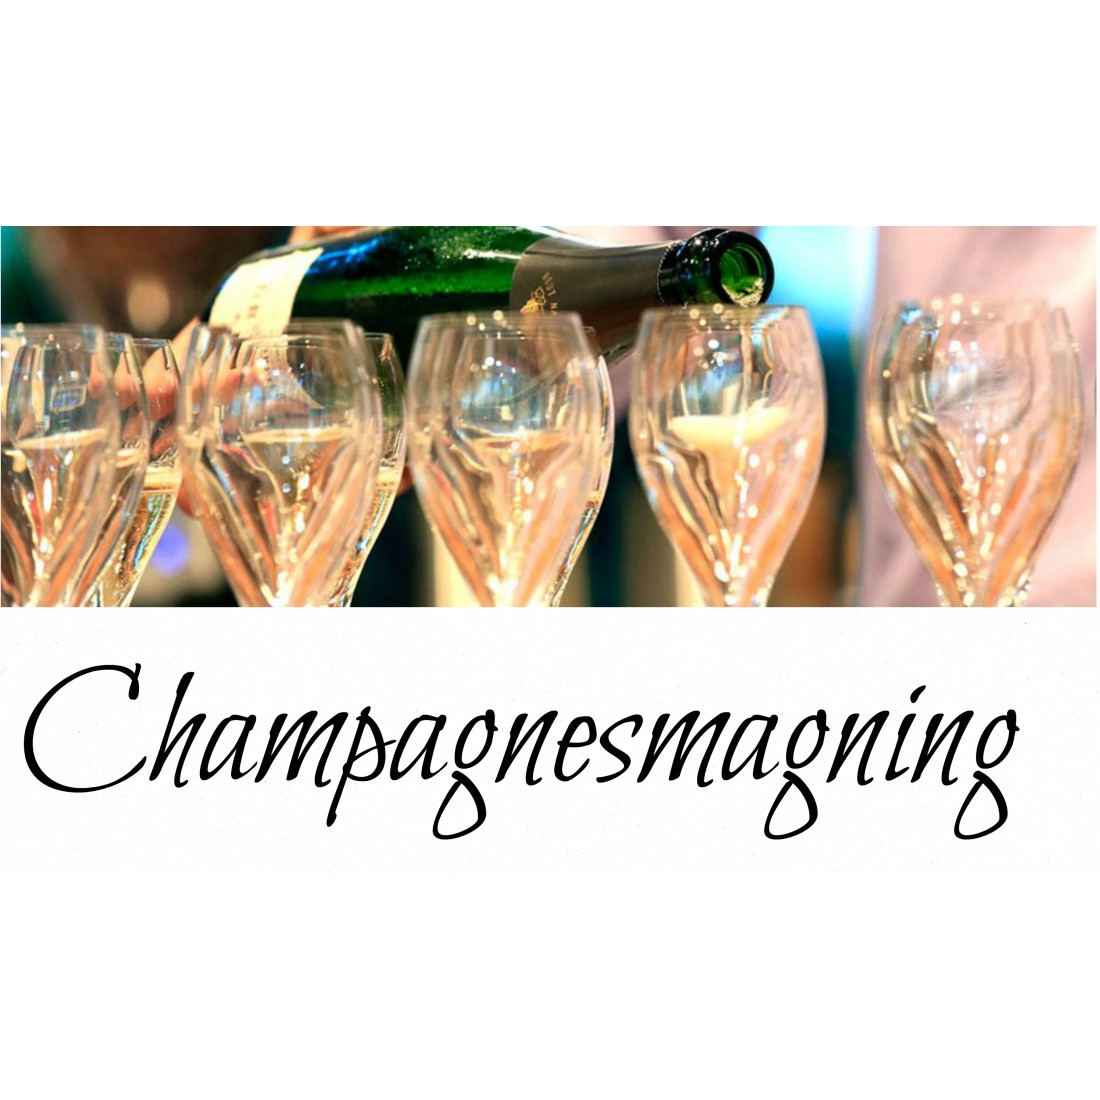 Champagnesmagning lørdag den 19 oktober kl. 19.00 I Århus-31